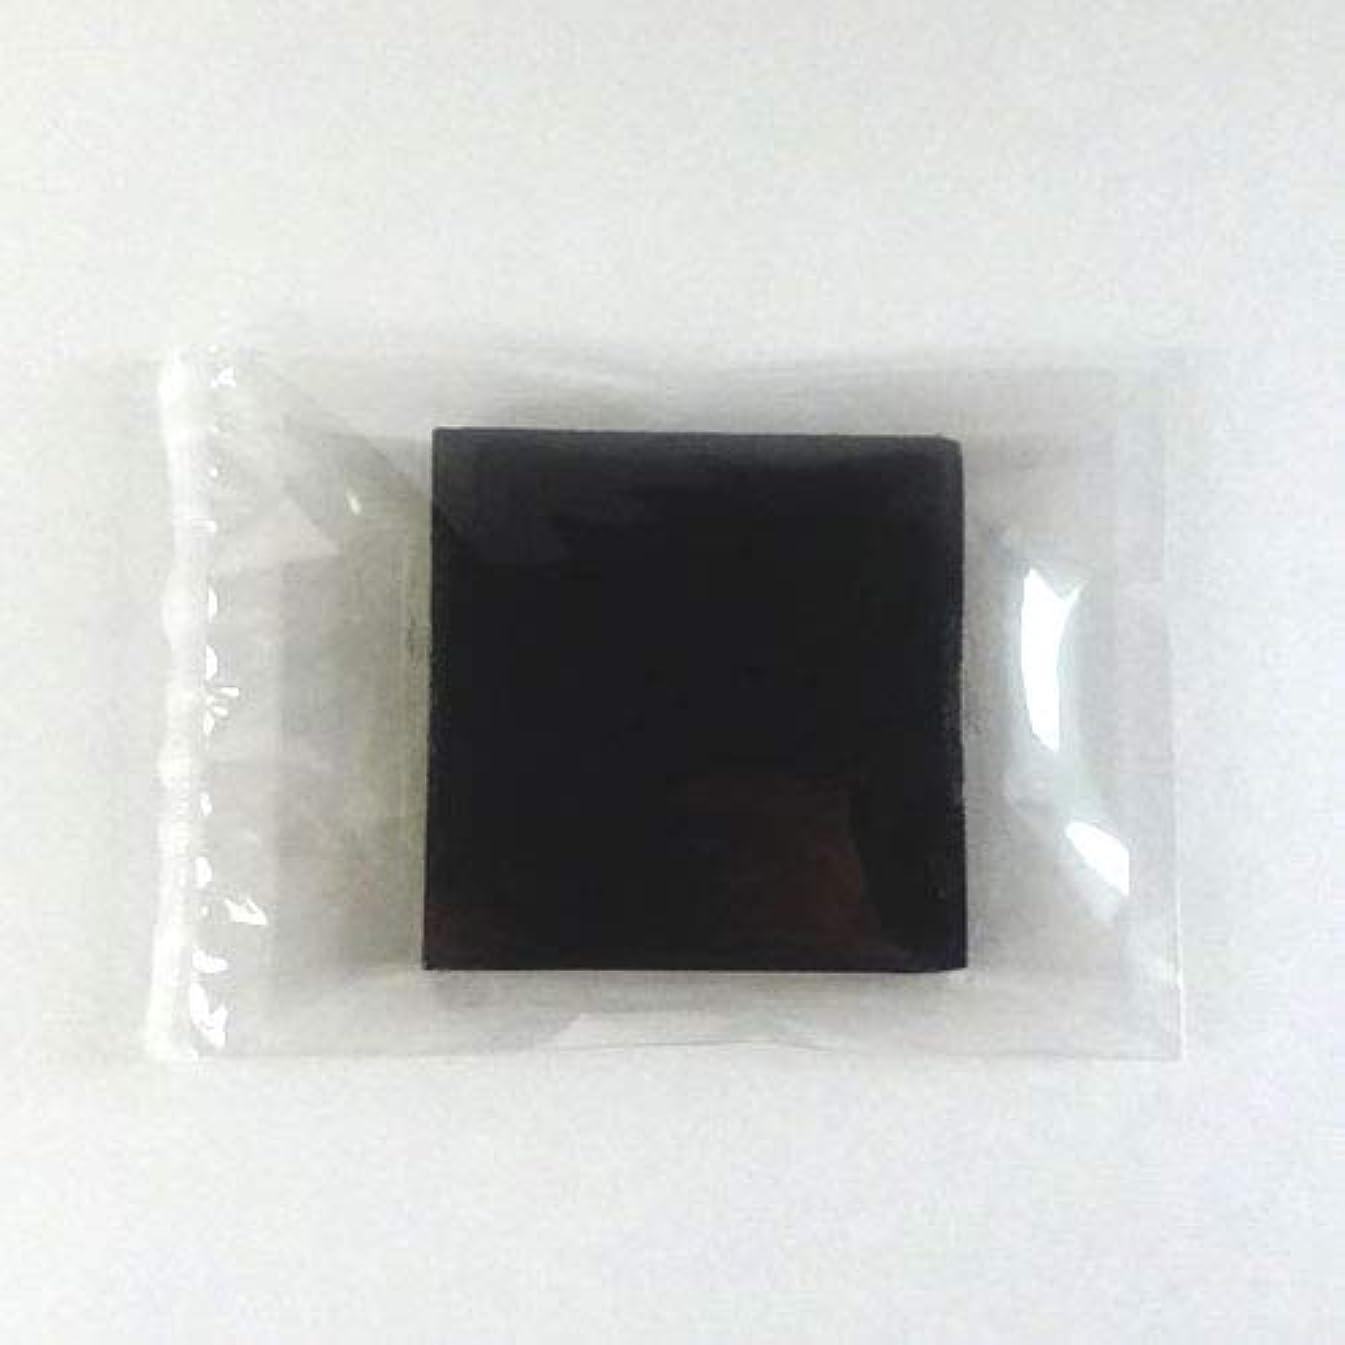 警察通路貞グリセリンソープ MPソープ 色チップ 黒(ブラック) 30g